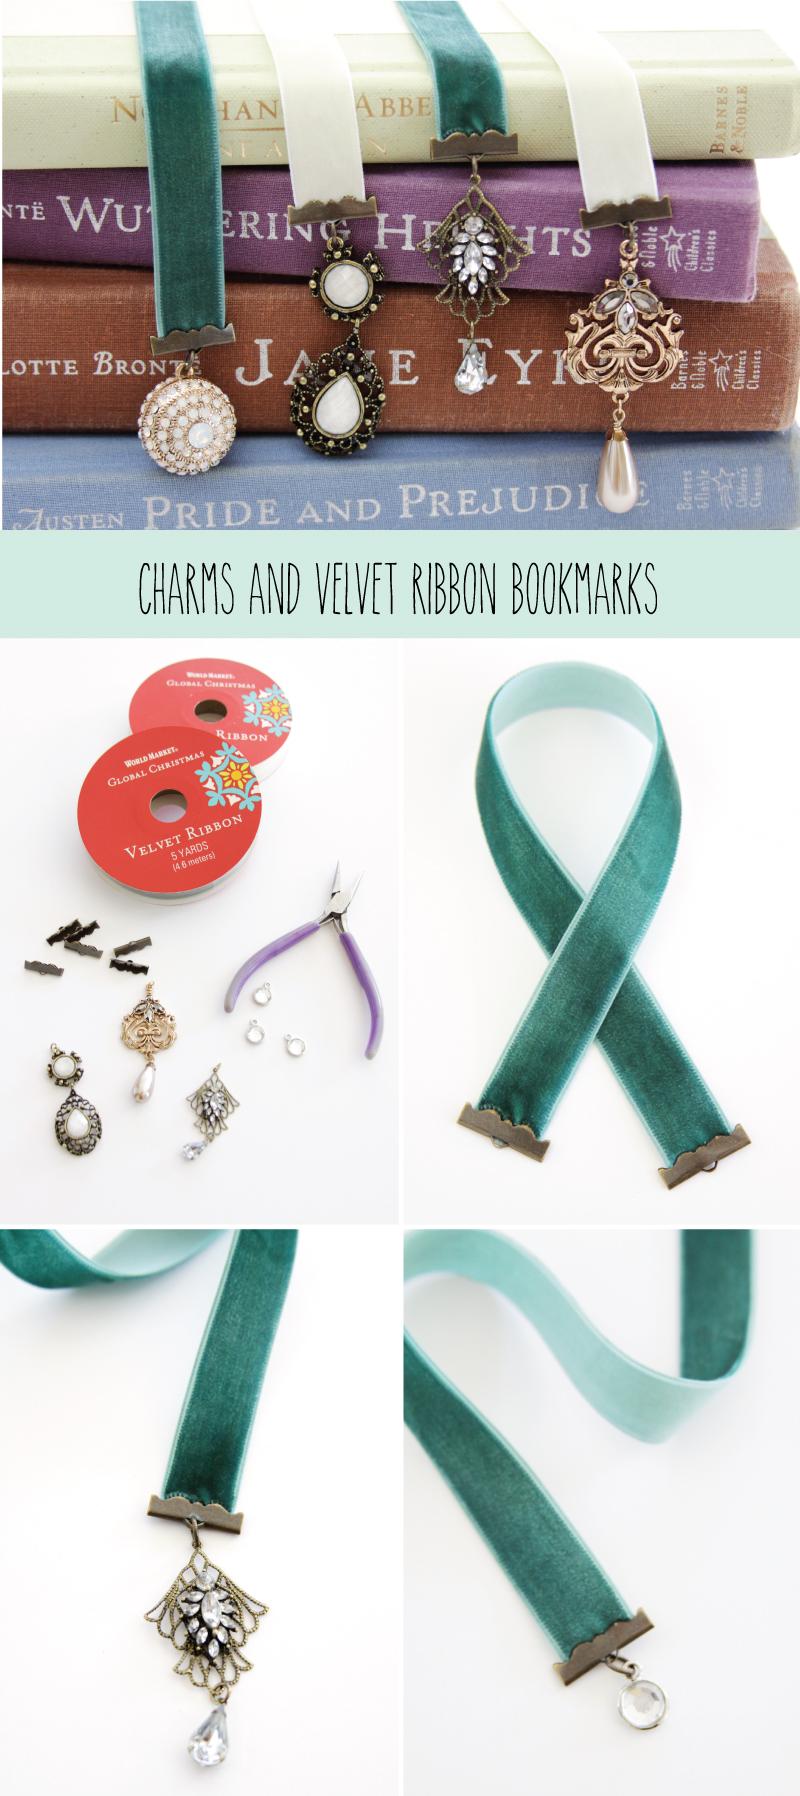 Charm and Velvet Ribbon Bookmarks